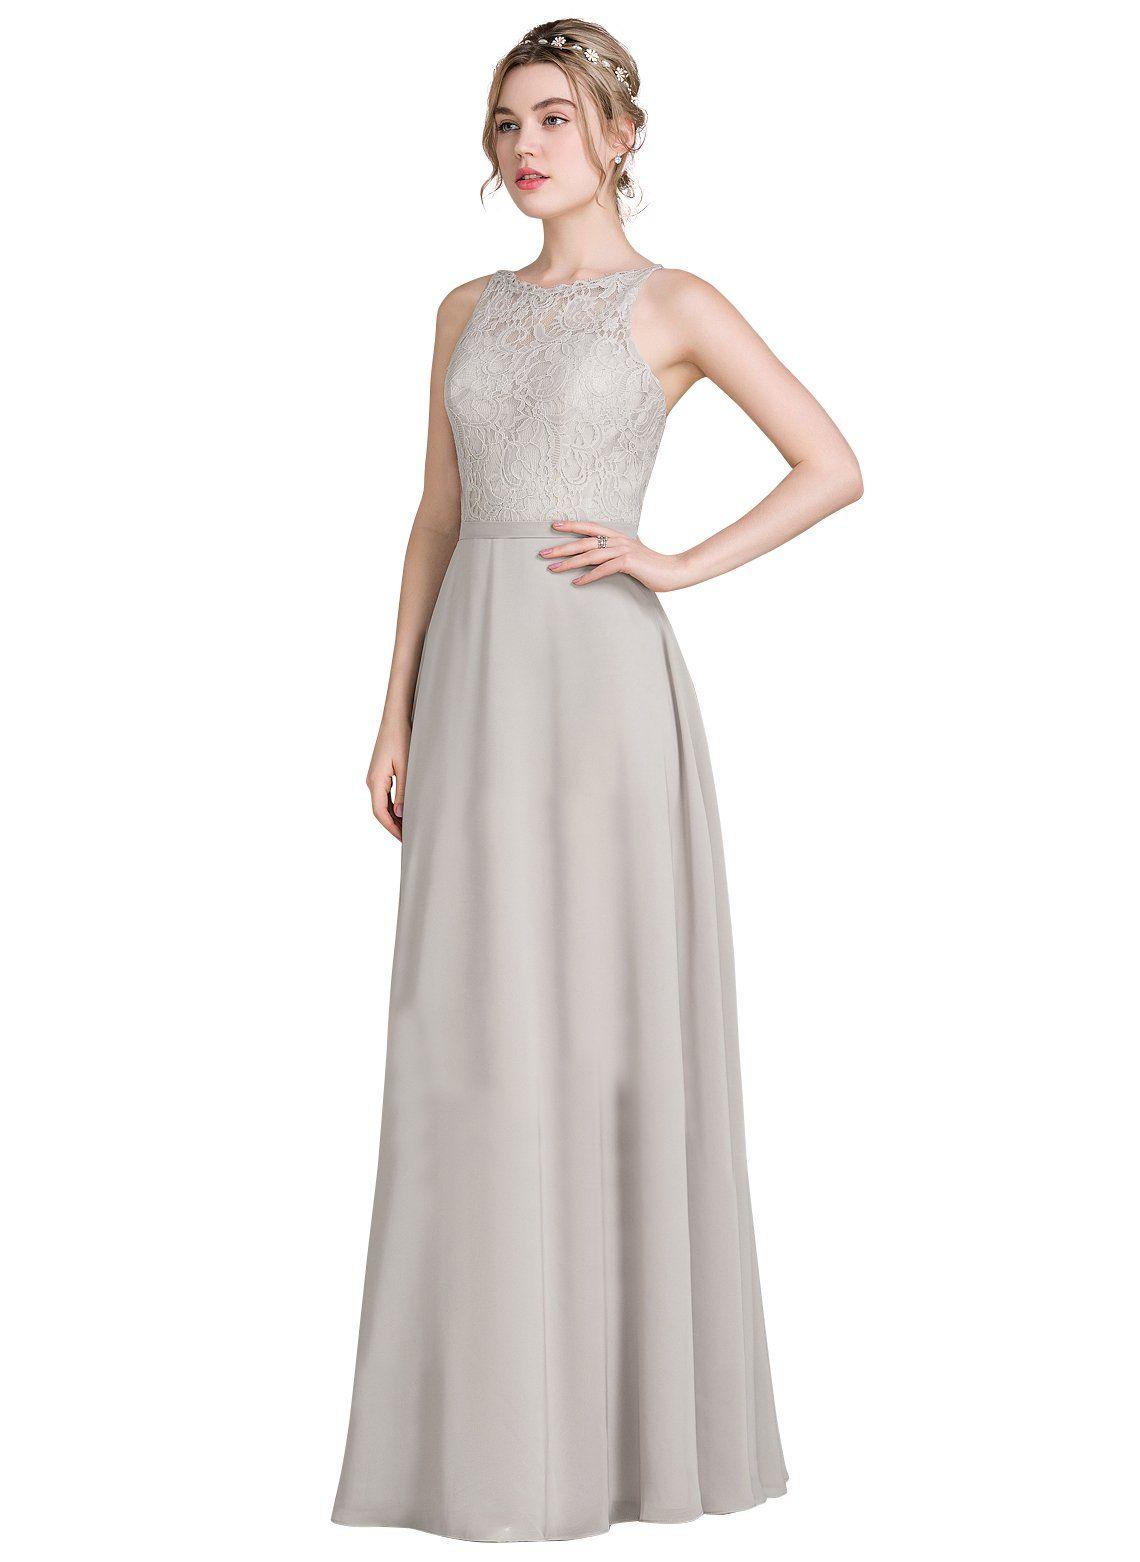 Loffy womens long prom dress bridesmaid dress lace chiffon evening